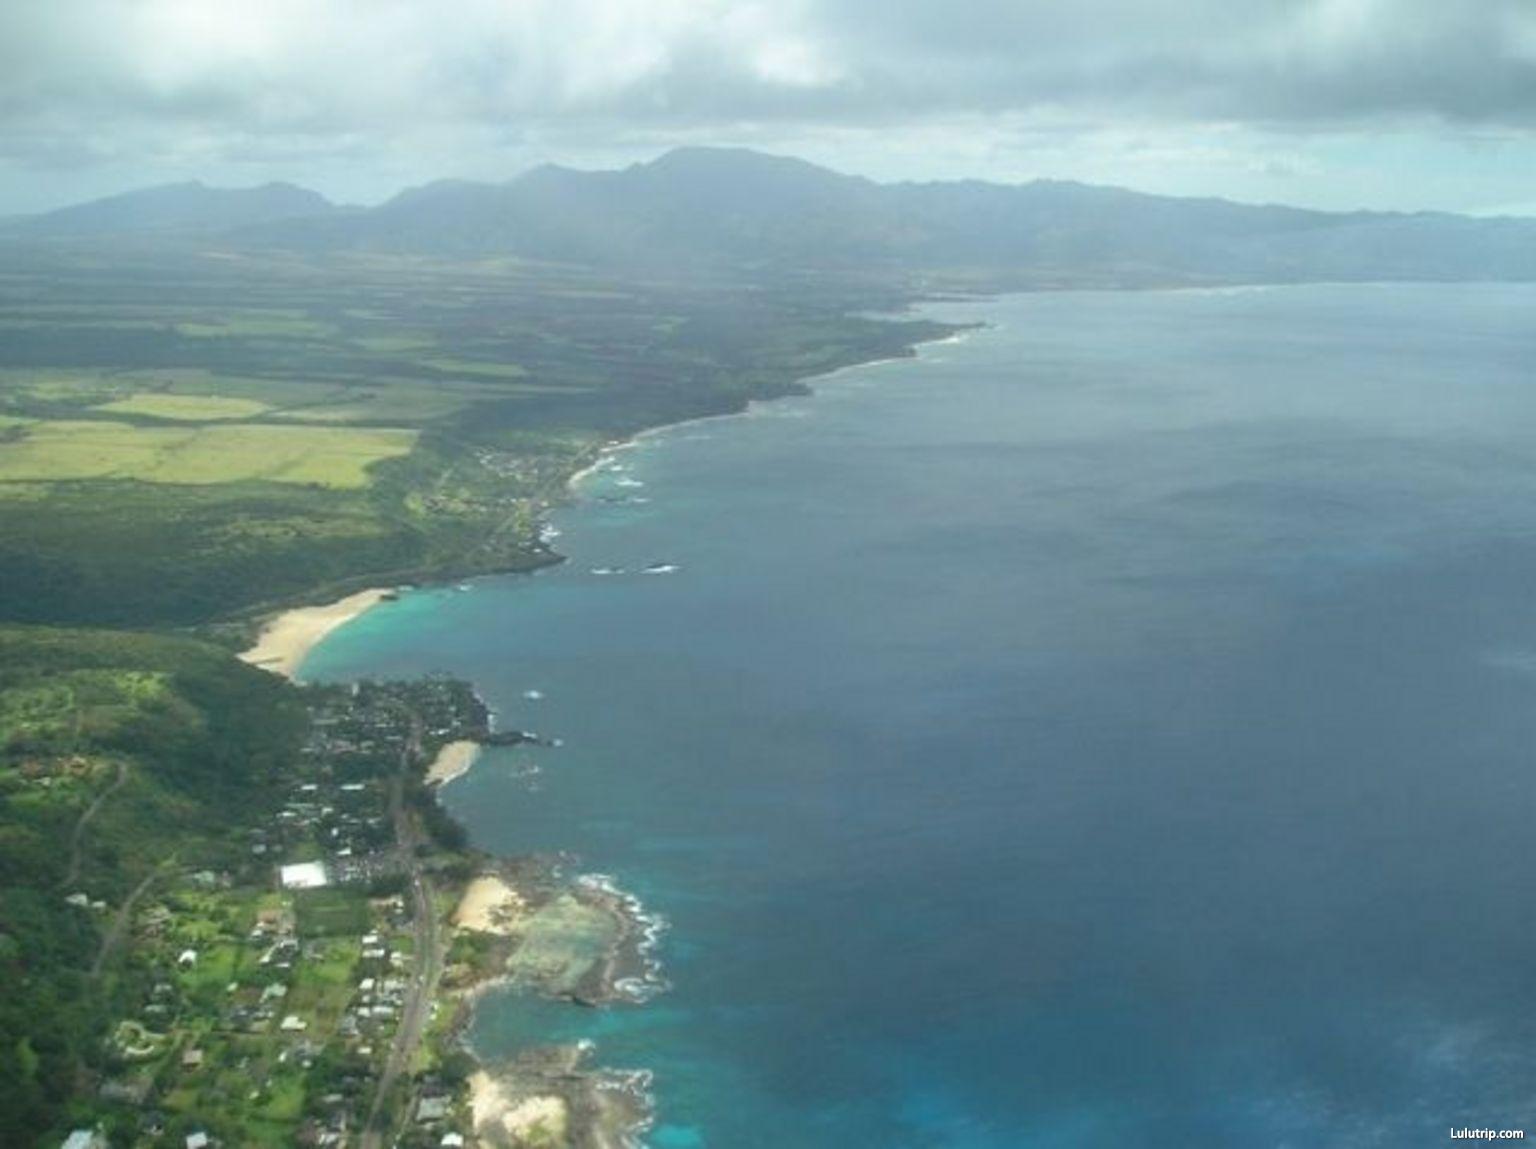 夏威夷一日游攻略_夏威夷自驾游_夏威夷游玩景点推荐